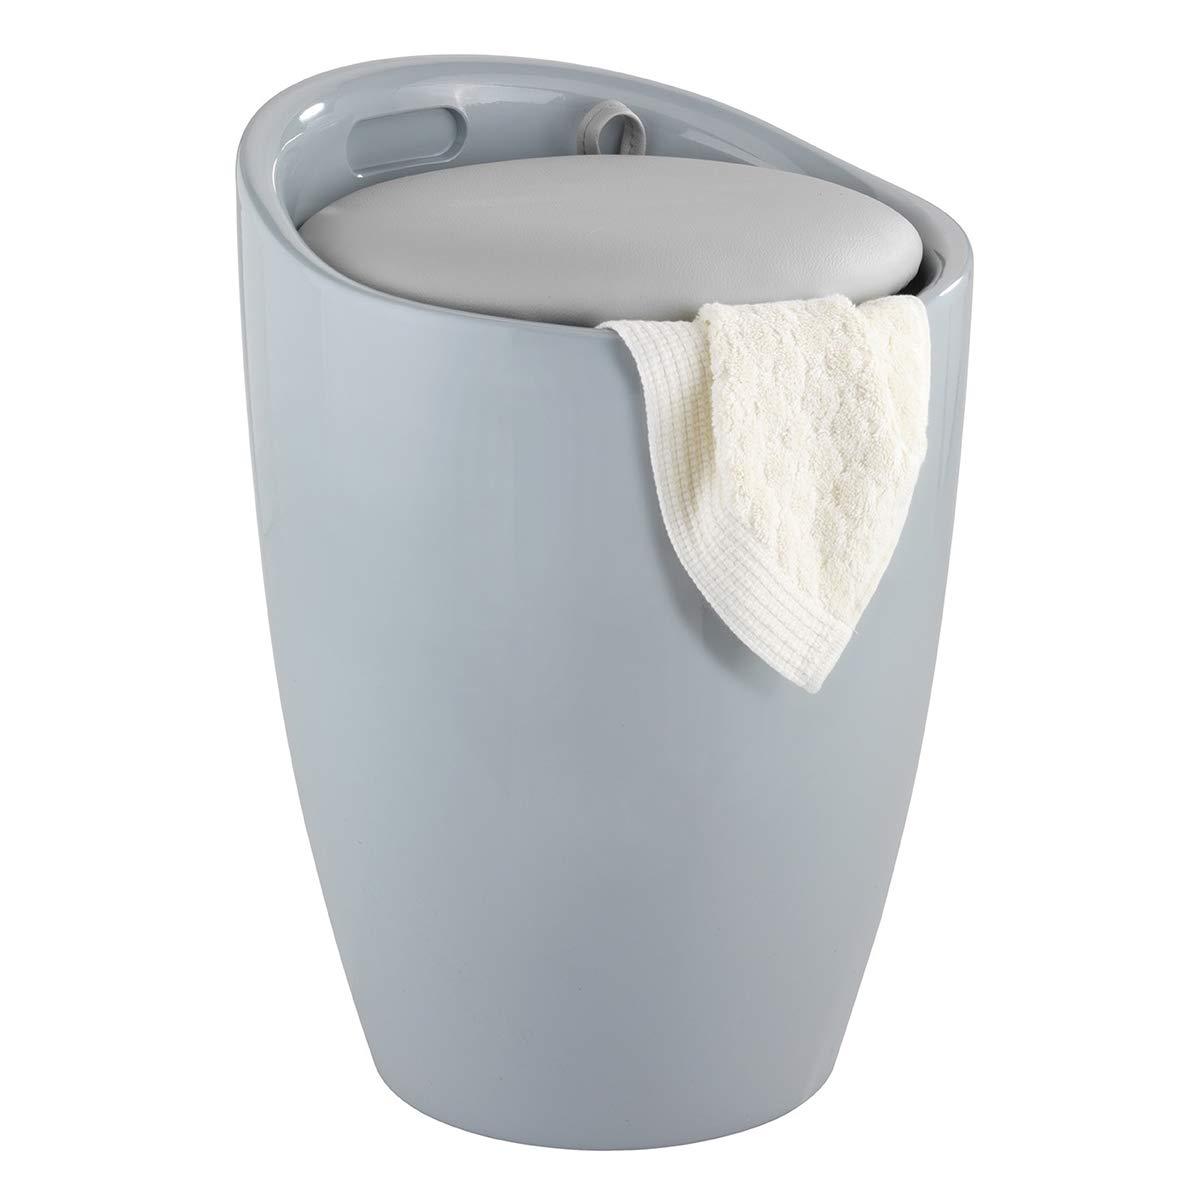 WENKO Badhocker Candy Grau, Hocker mit Stauraum für das Badezimmer und  Wohnzimmer, integrierter Wäschesammler, ABS-Kunststoff, Fassungsvermögen 19  L,